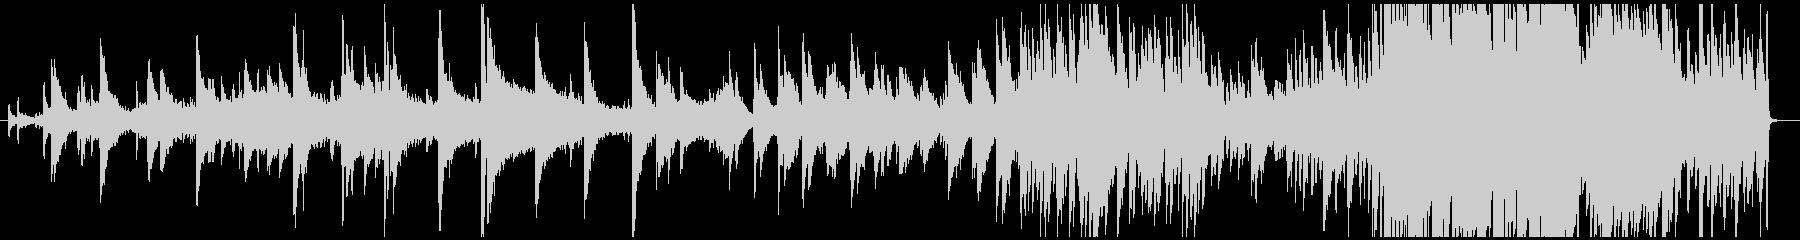 ピアノを主体としたダウナーな音響音楽の未再生の波形